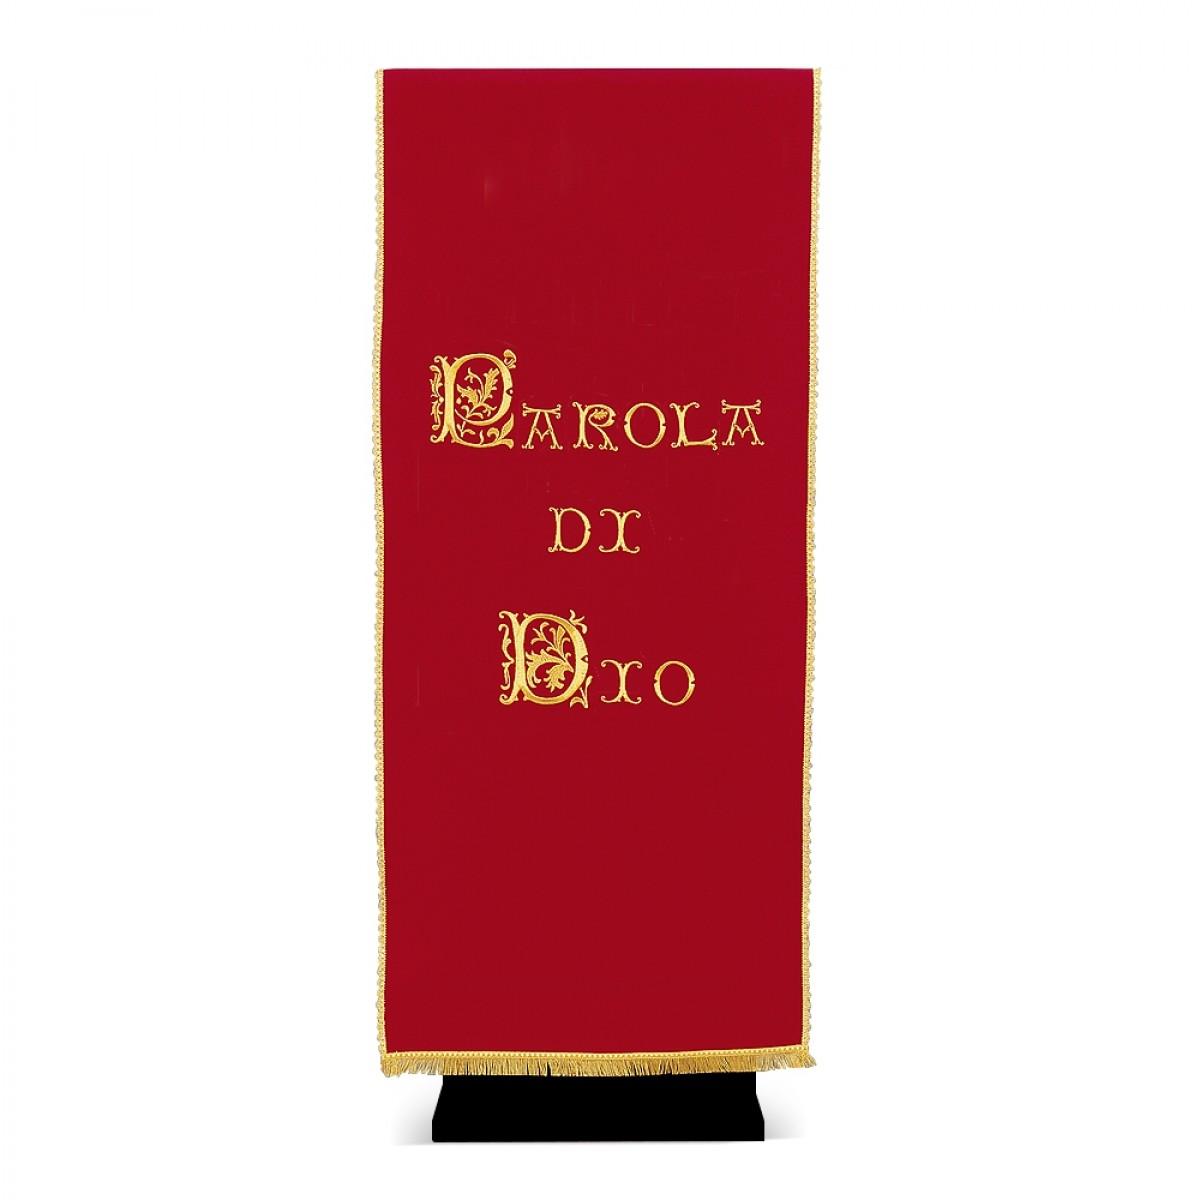 Coprileggio in poliestere, dis. 66 PAROLA